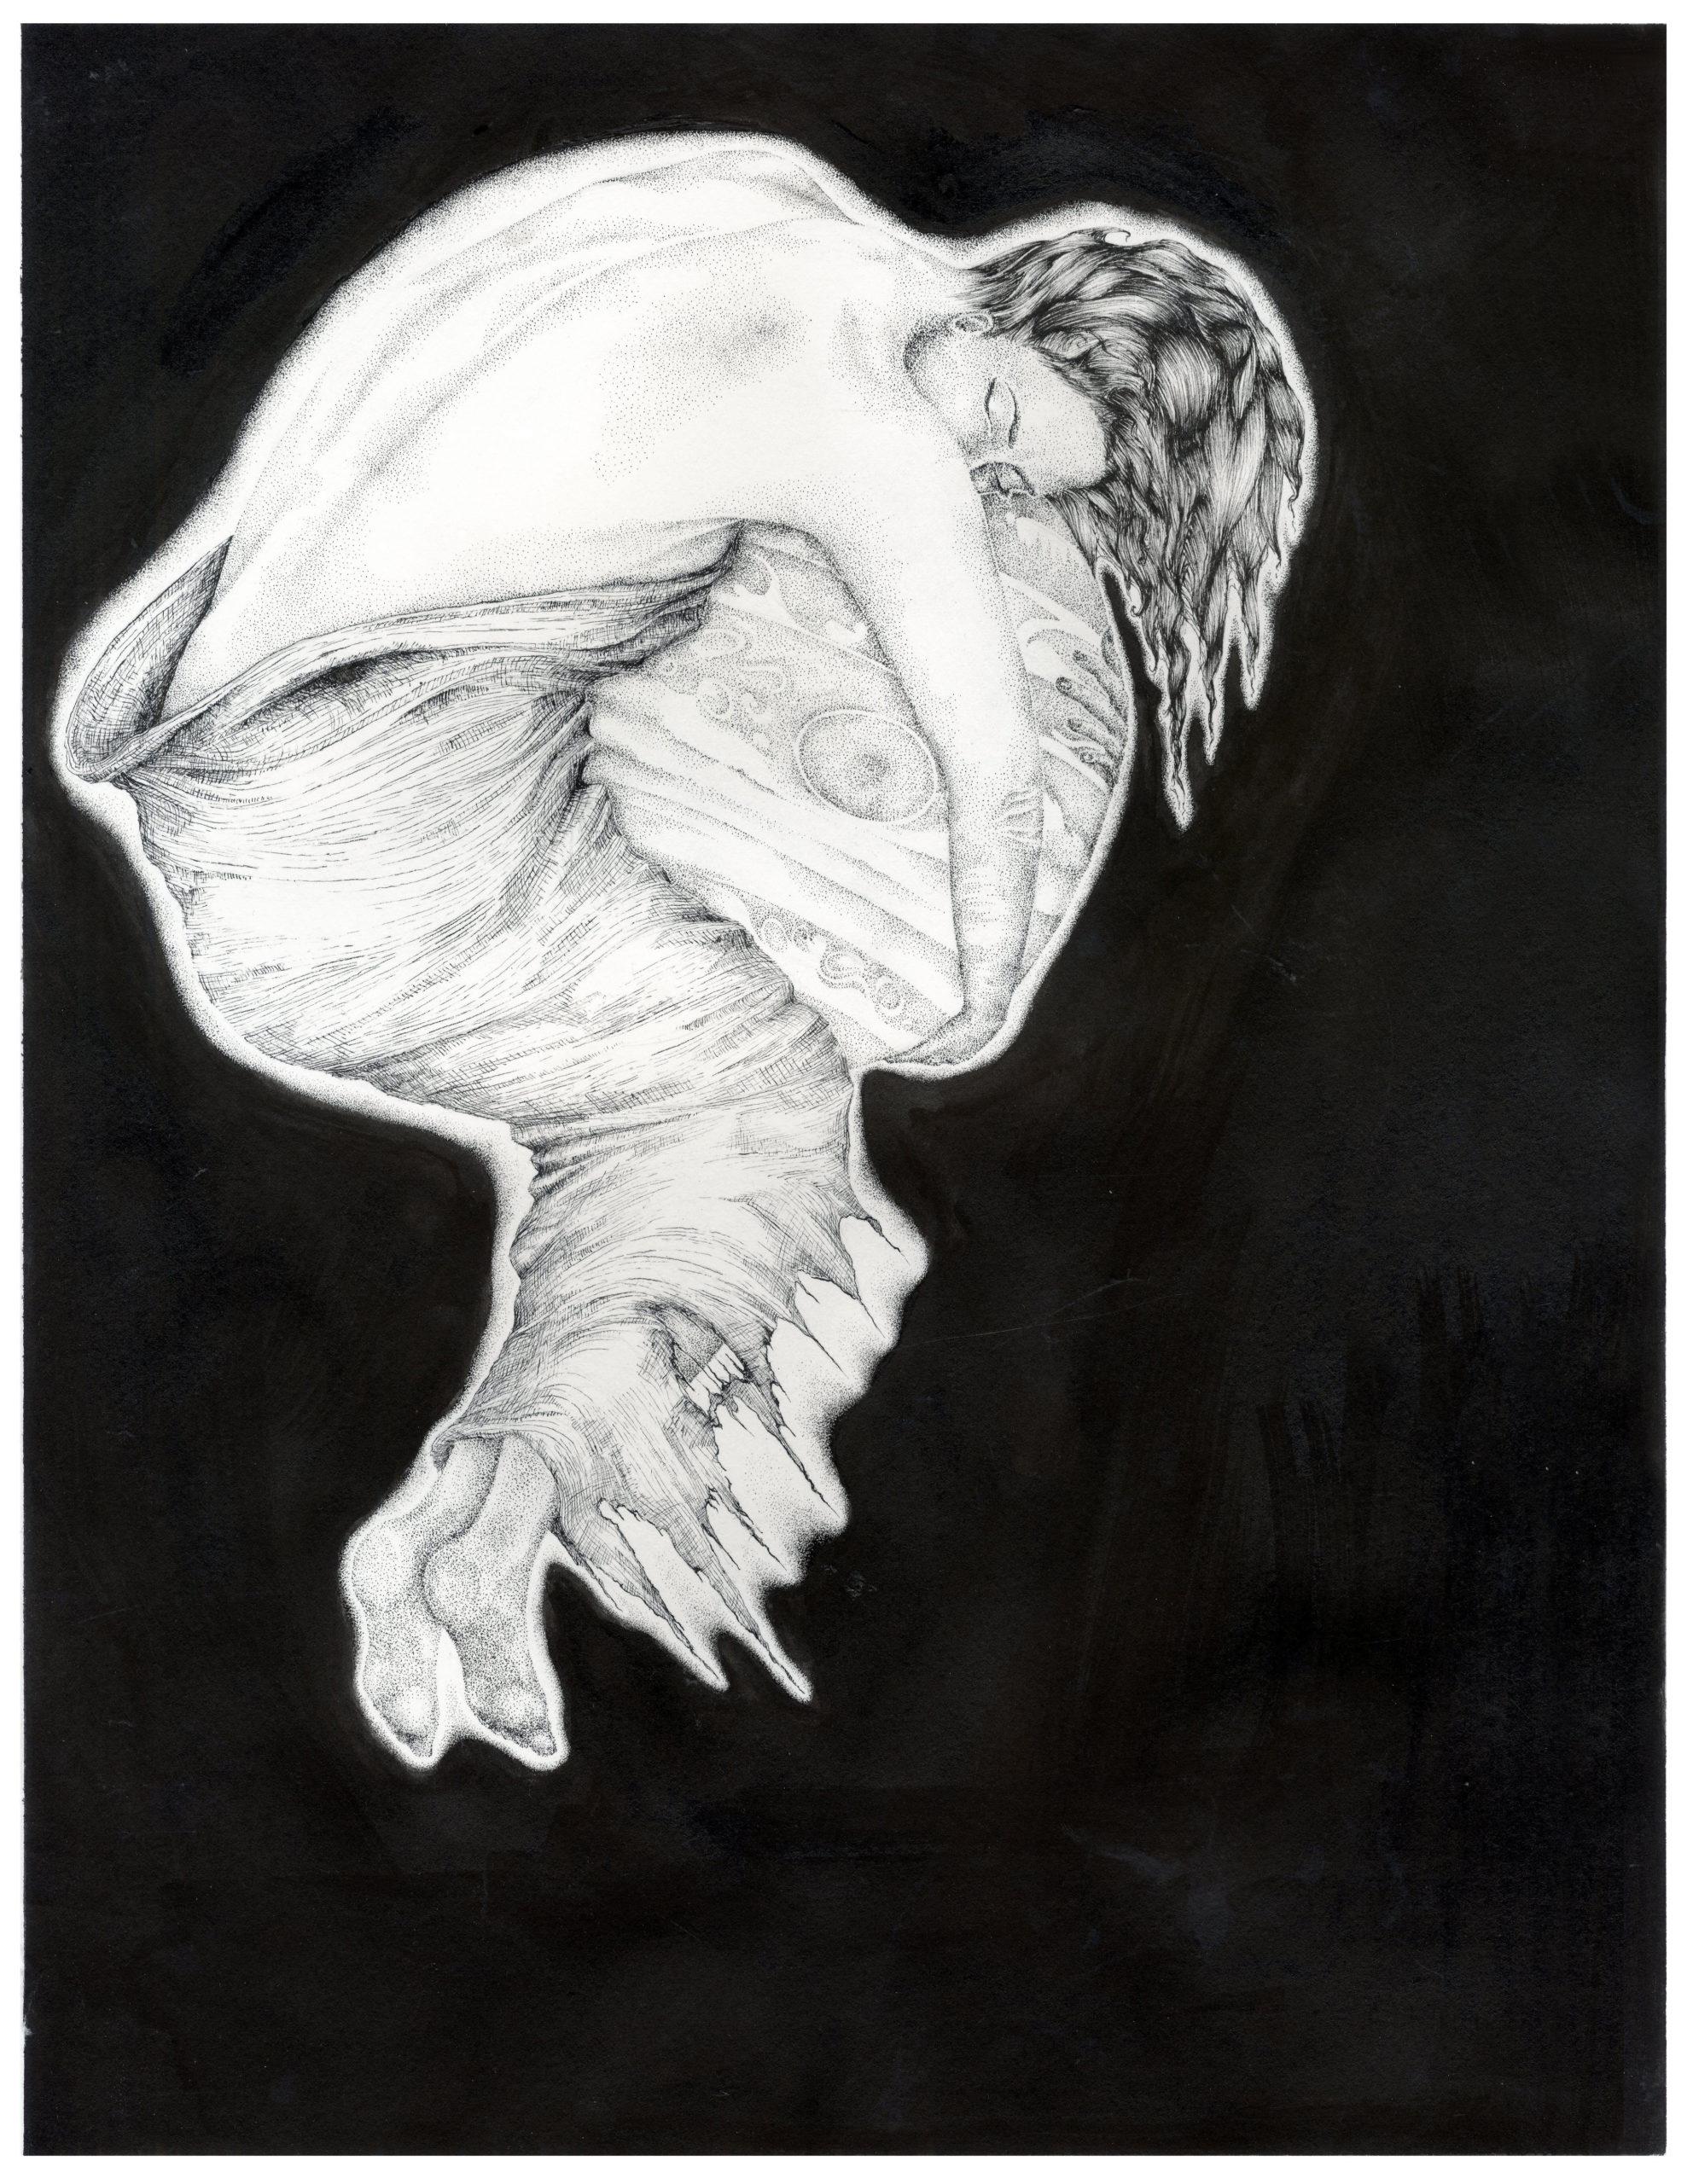 Semele student artwork from MassArt, Tracy Burns